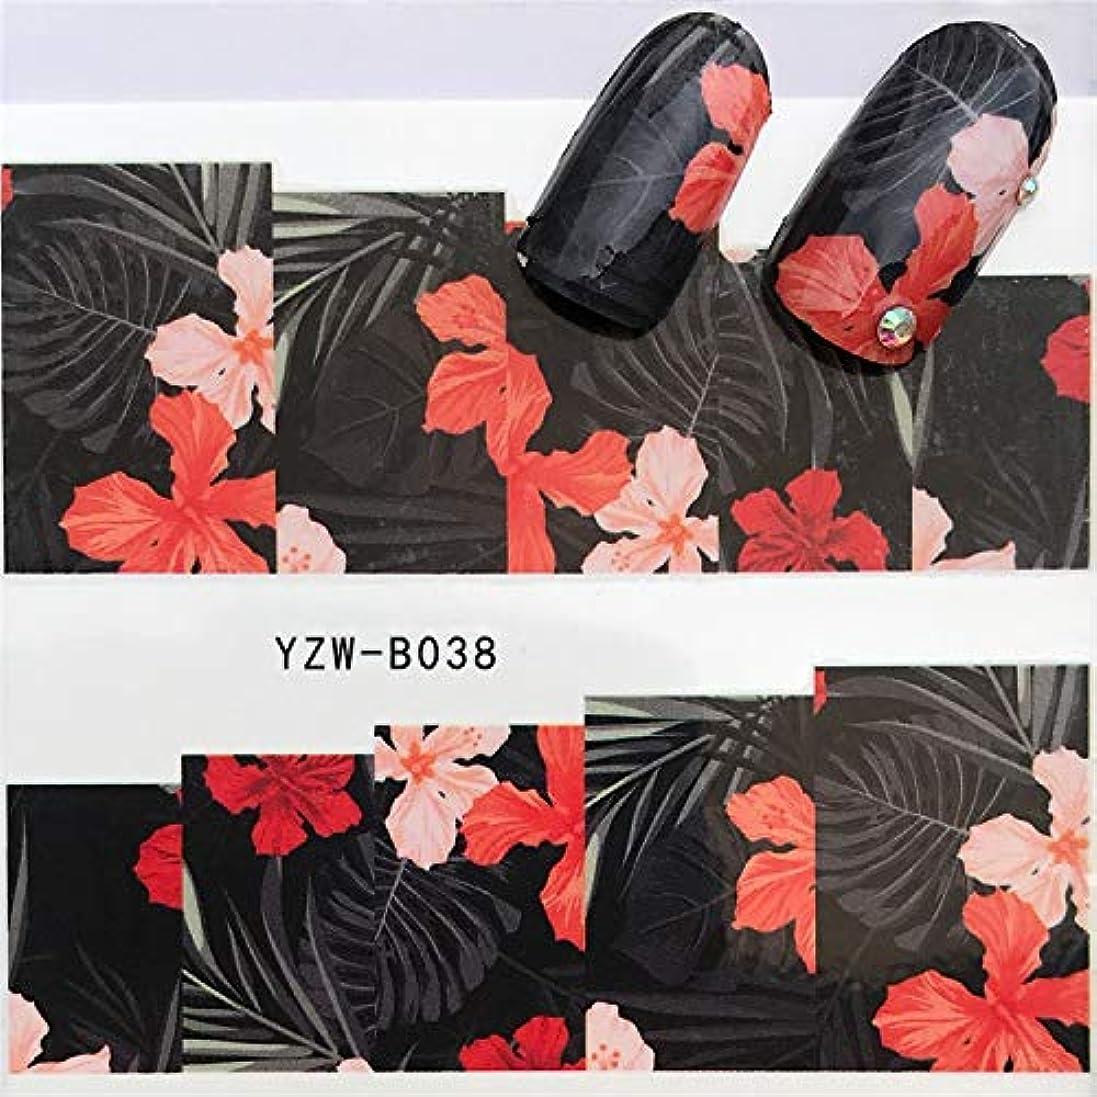 予約反乱順番ビューティー&パーソナルケア 3個ネイルステッカーセットデカール水転写スライダーネイルアートデコレーション、色:YZWB038 ステッカー&デカール